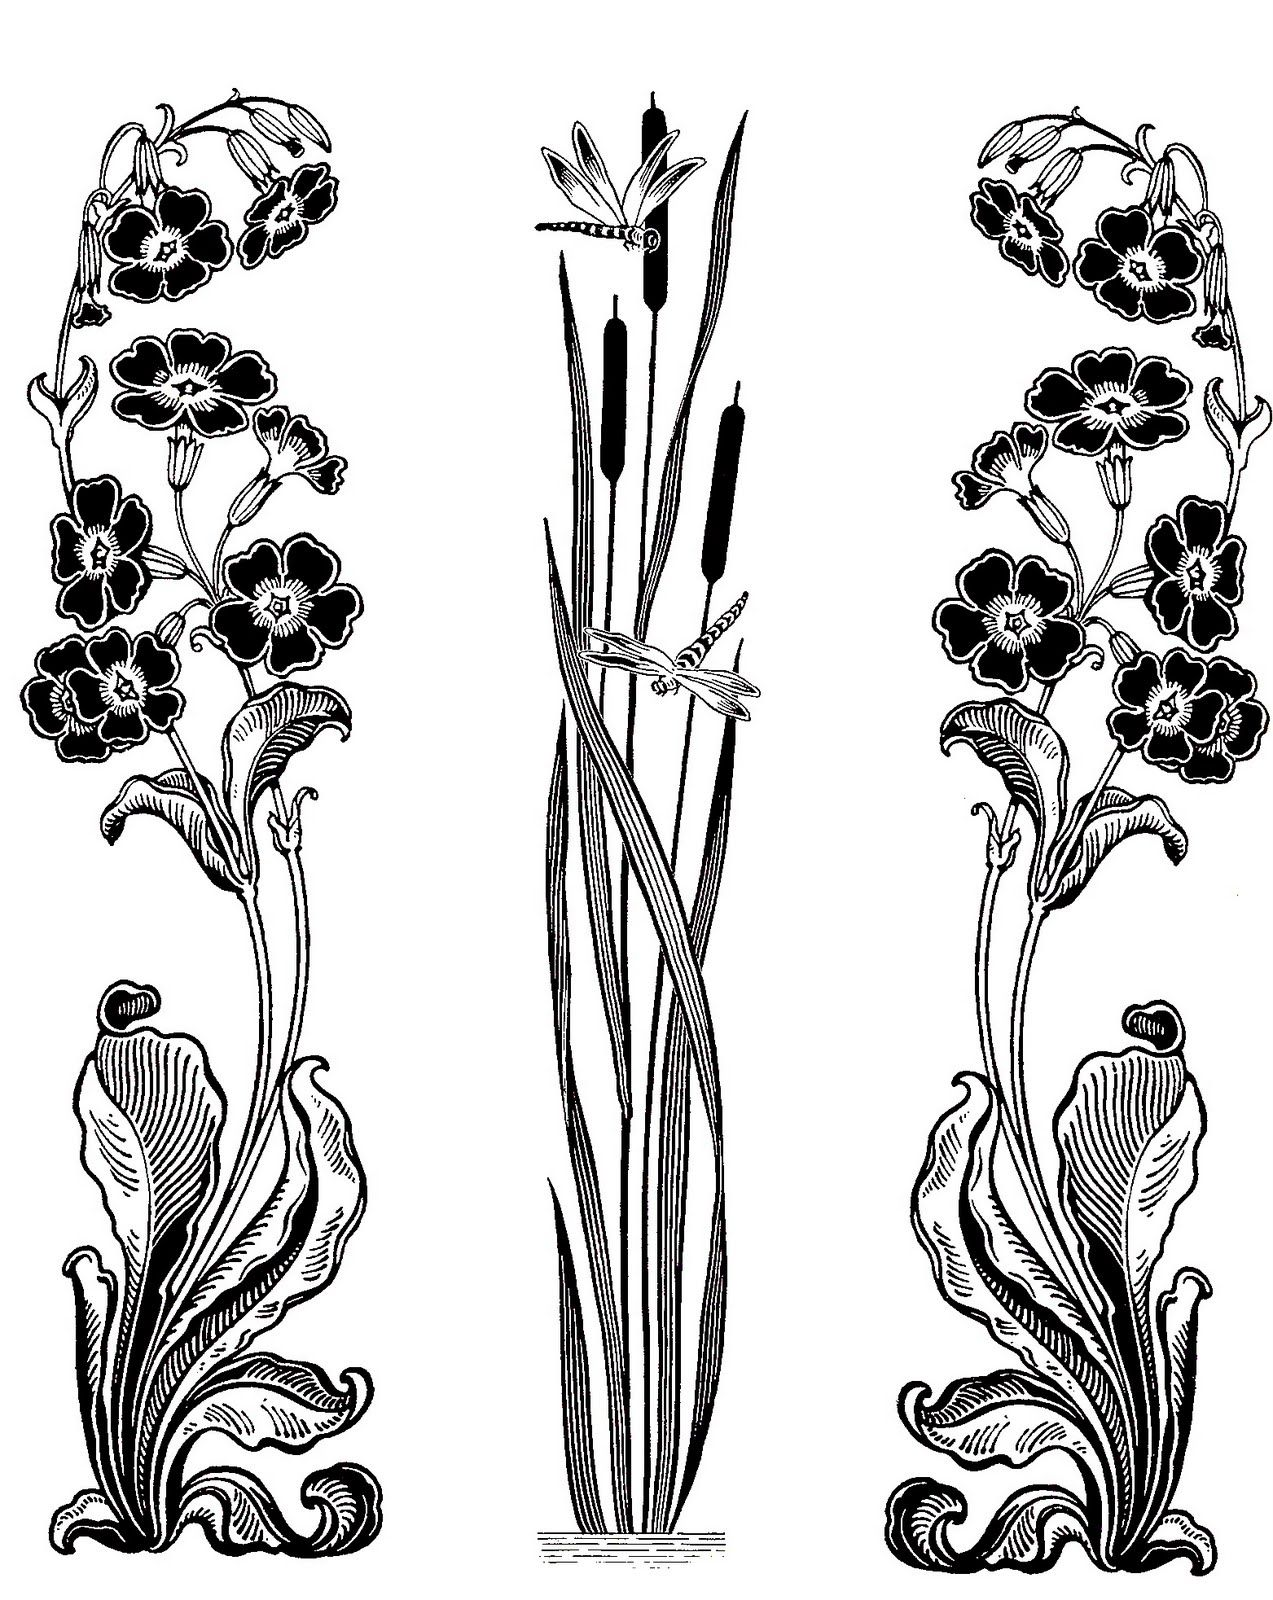 Art deco ornaments - Iona S Closet Still In Circulation Art Nouveau Typographic Ornaments